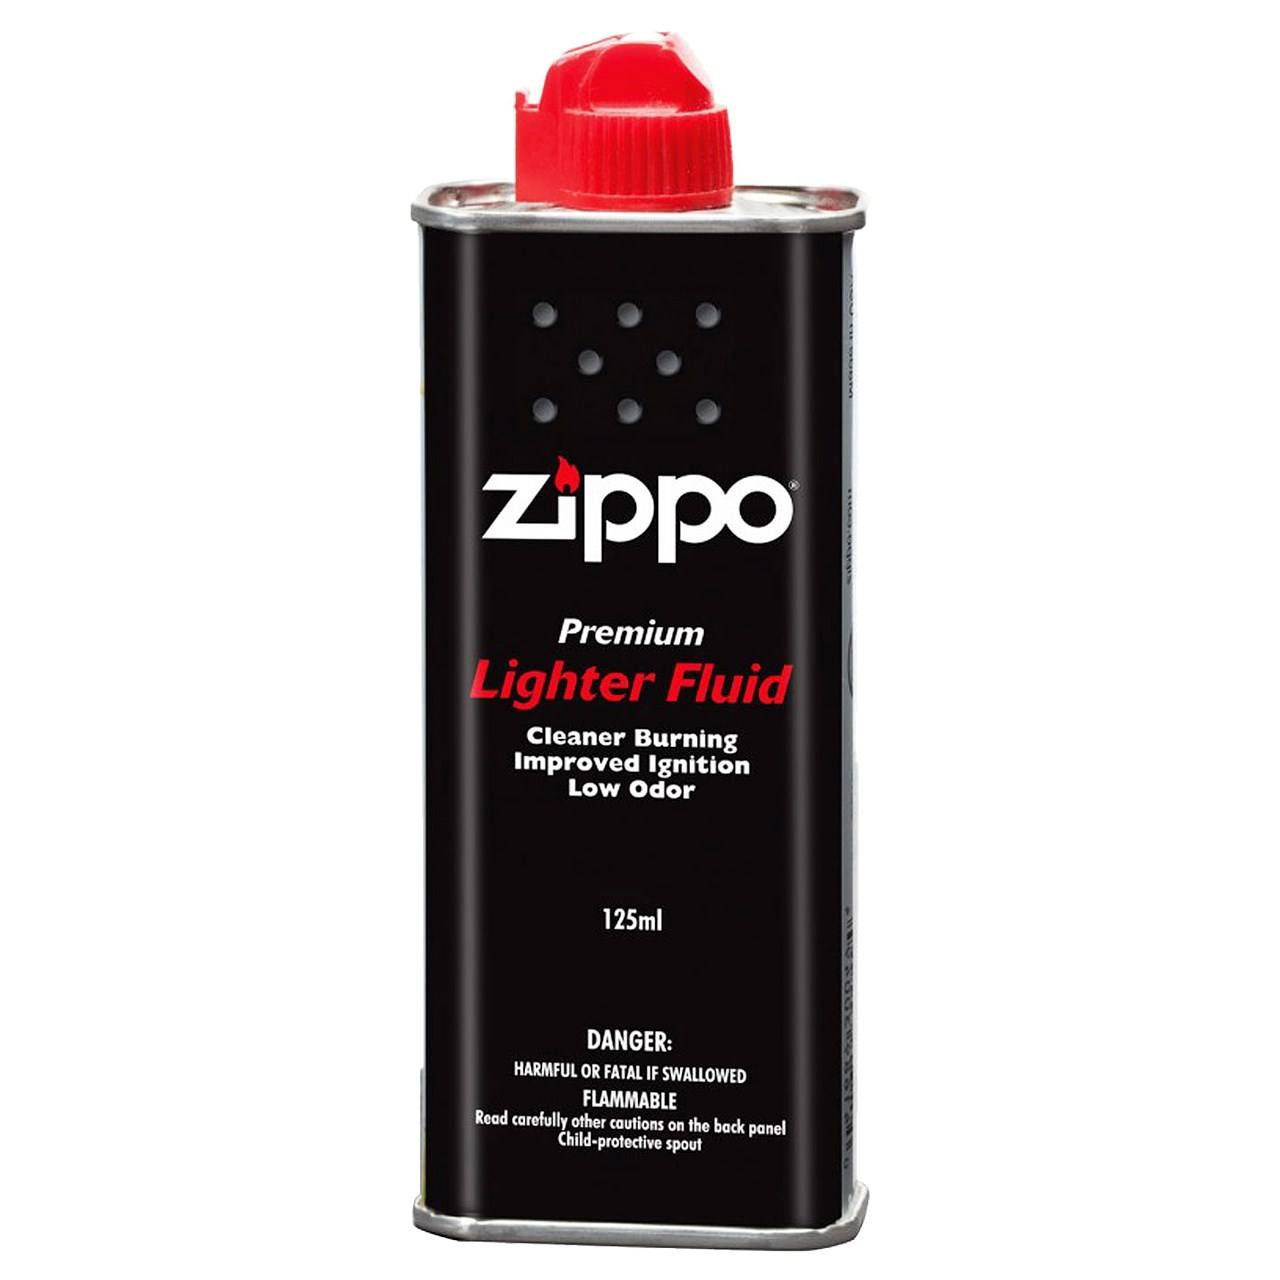 بنزین فندک زیپو مدل 125ML